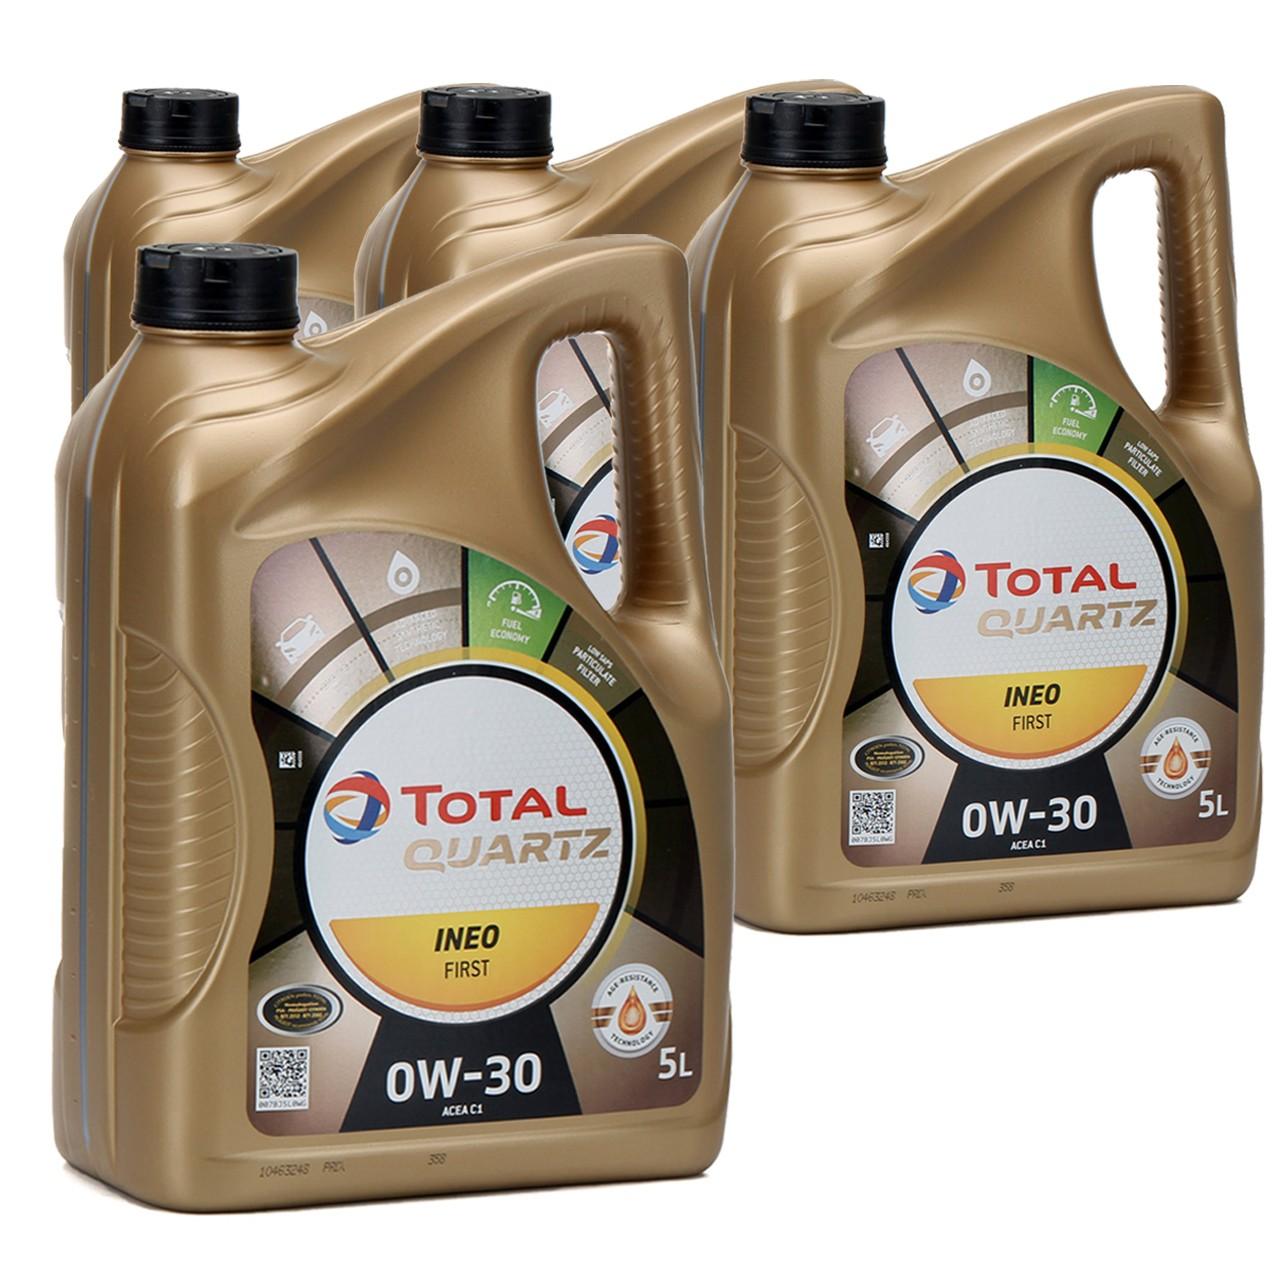 TOTAL QUARTZ INEO FIRST Motoröl Öl 0W-30 ACEA C1 C2 PSA B71 2312 - 20L 20 Liter